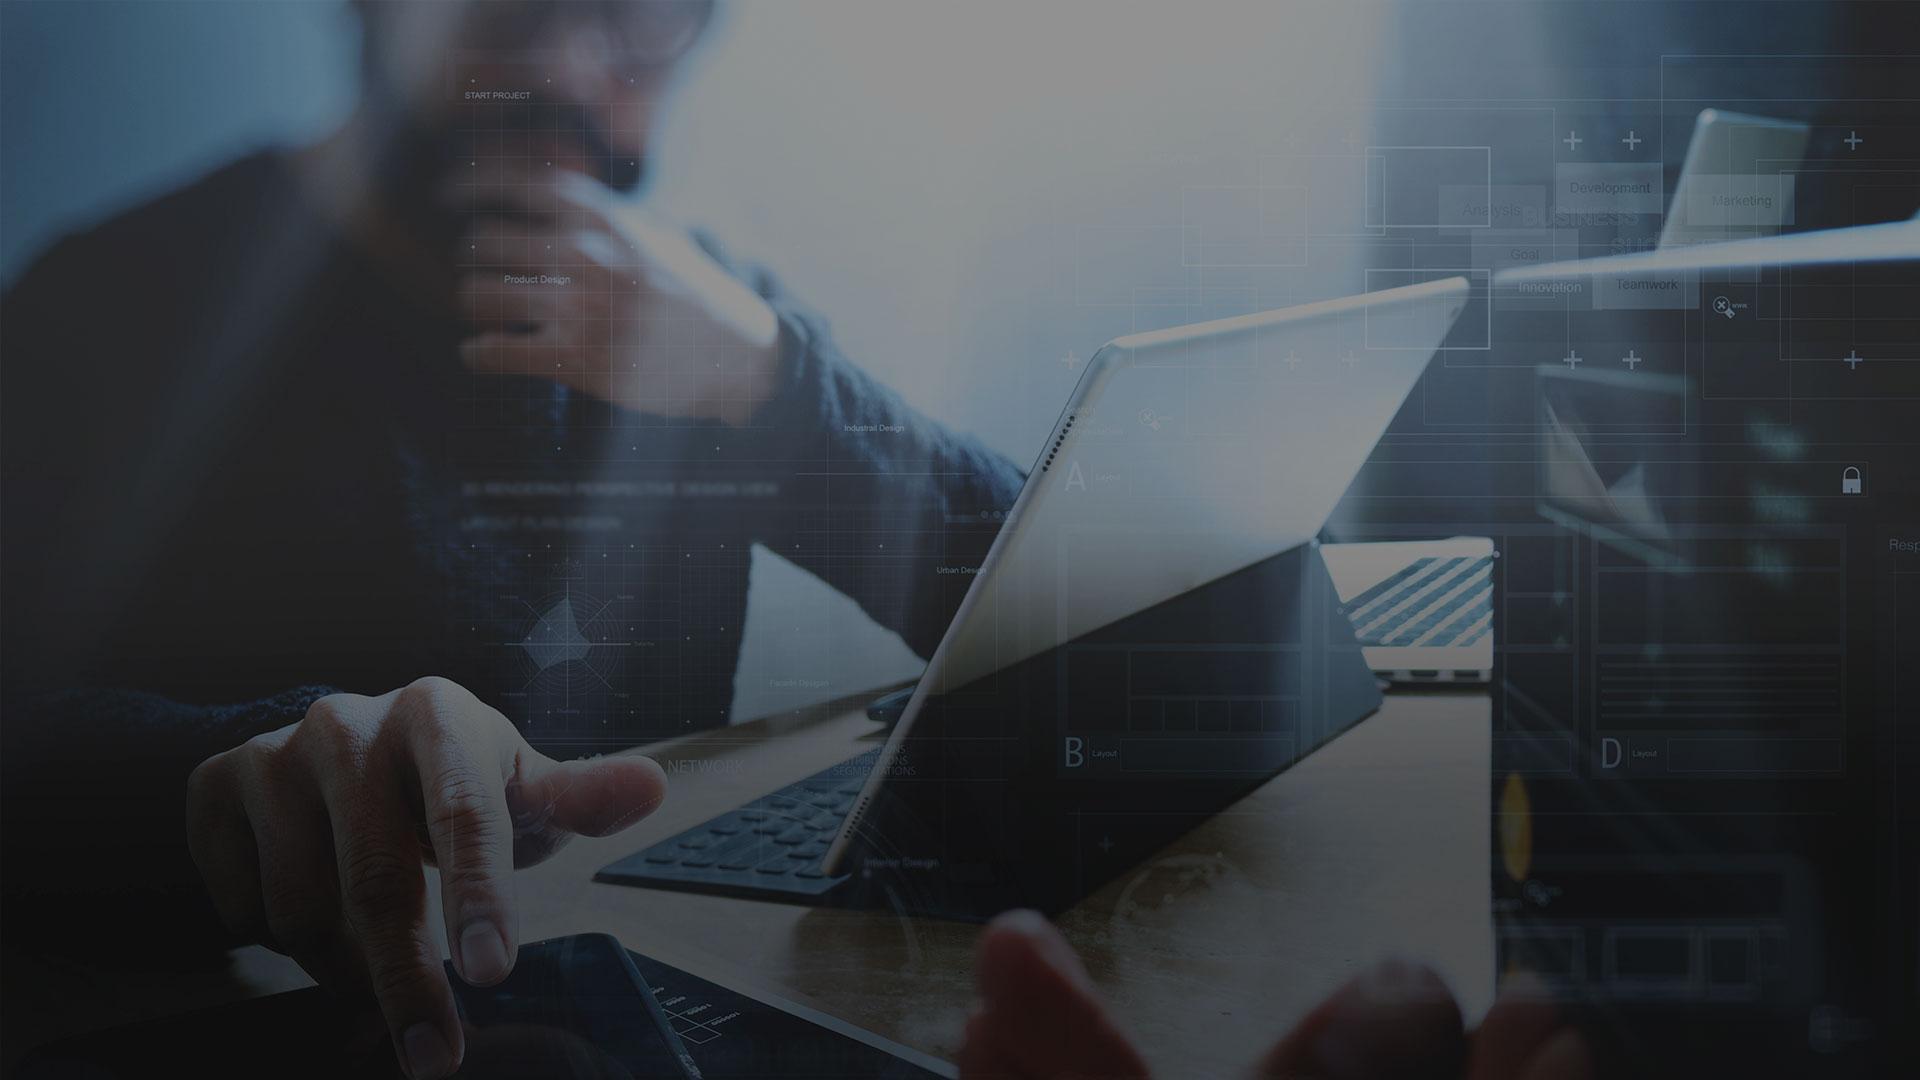 Acessibilidade na web na visão do Product Designer